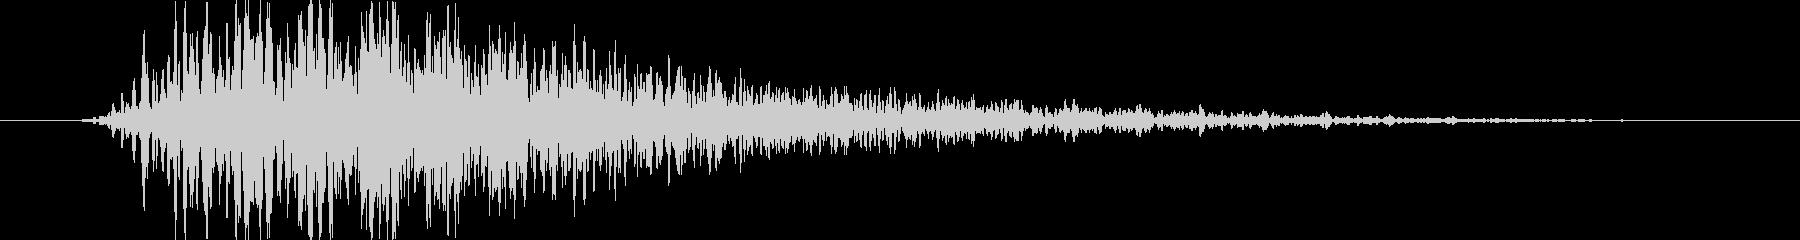 ヴァン(選択、決定時の効果音)の未再生の波形